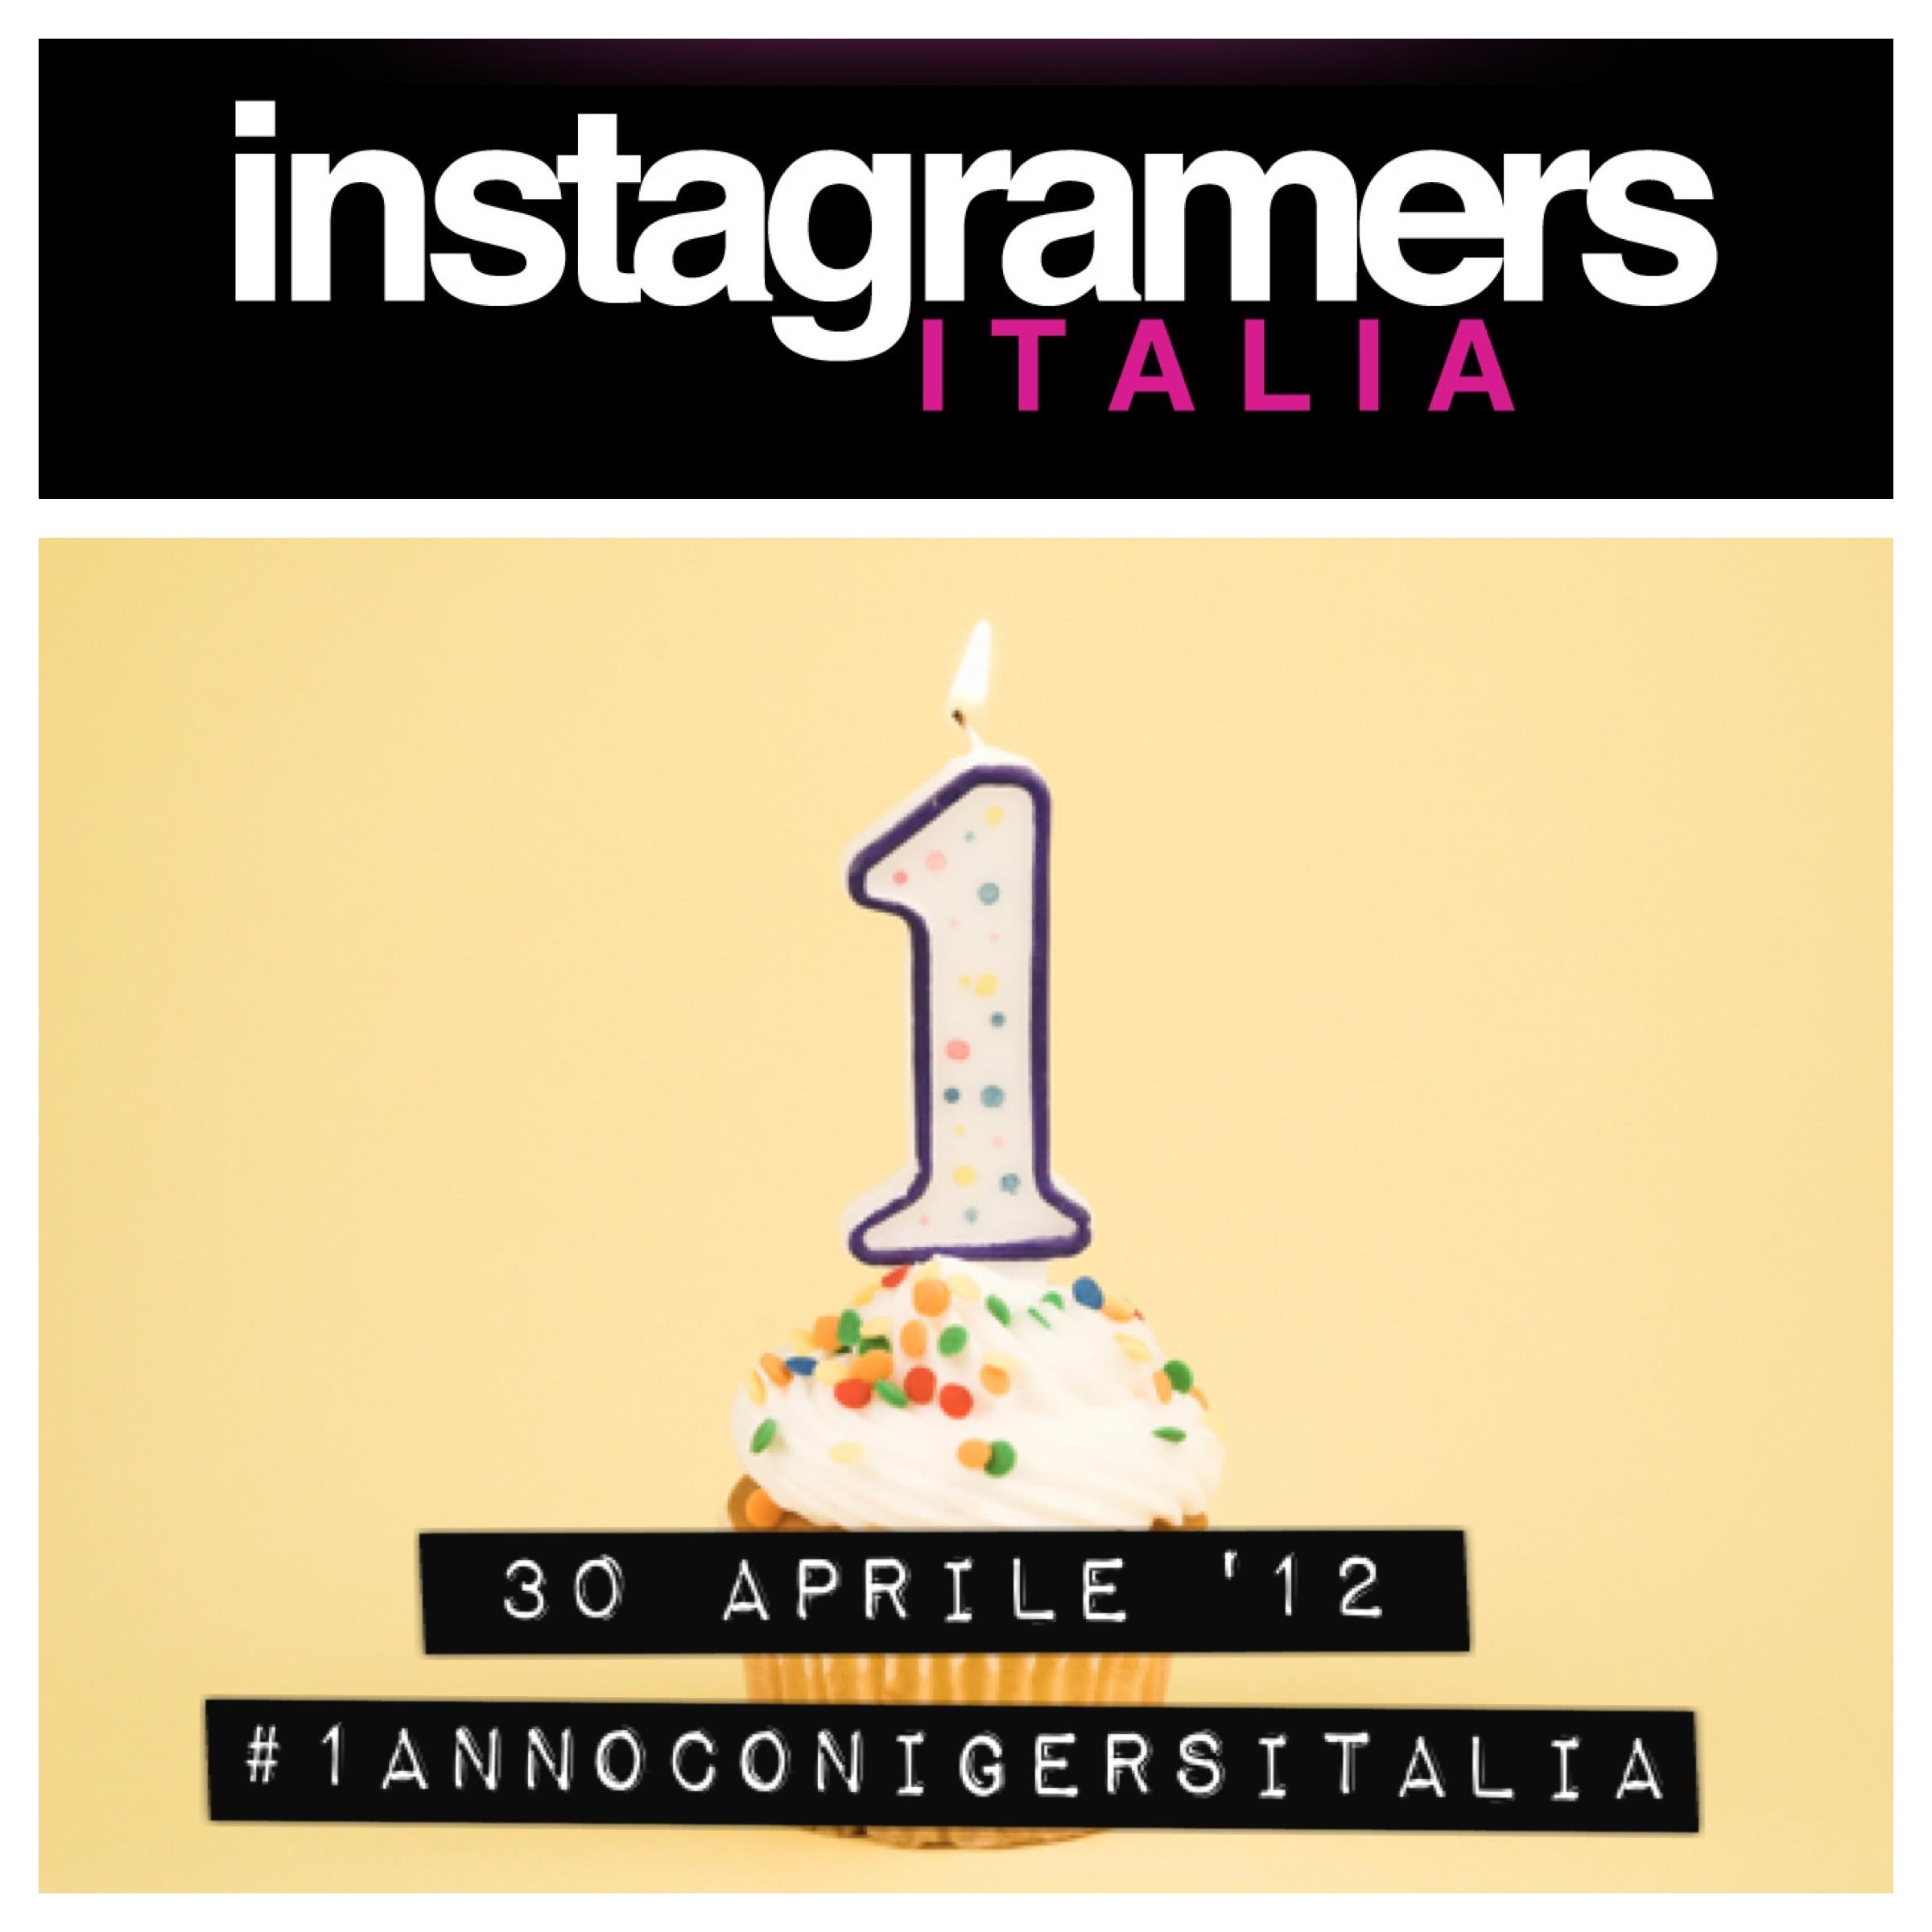 @igersitalia compie 1 anno! #1annoconigersitalia